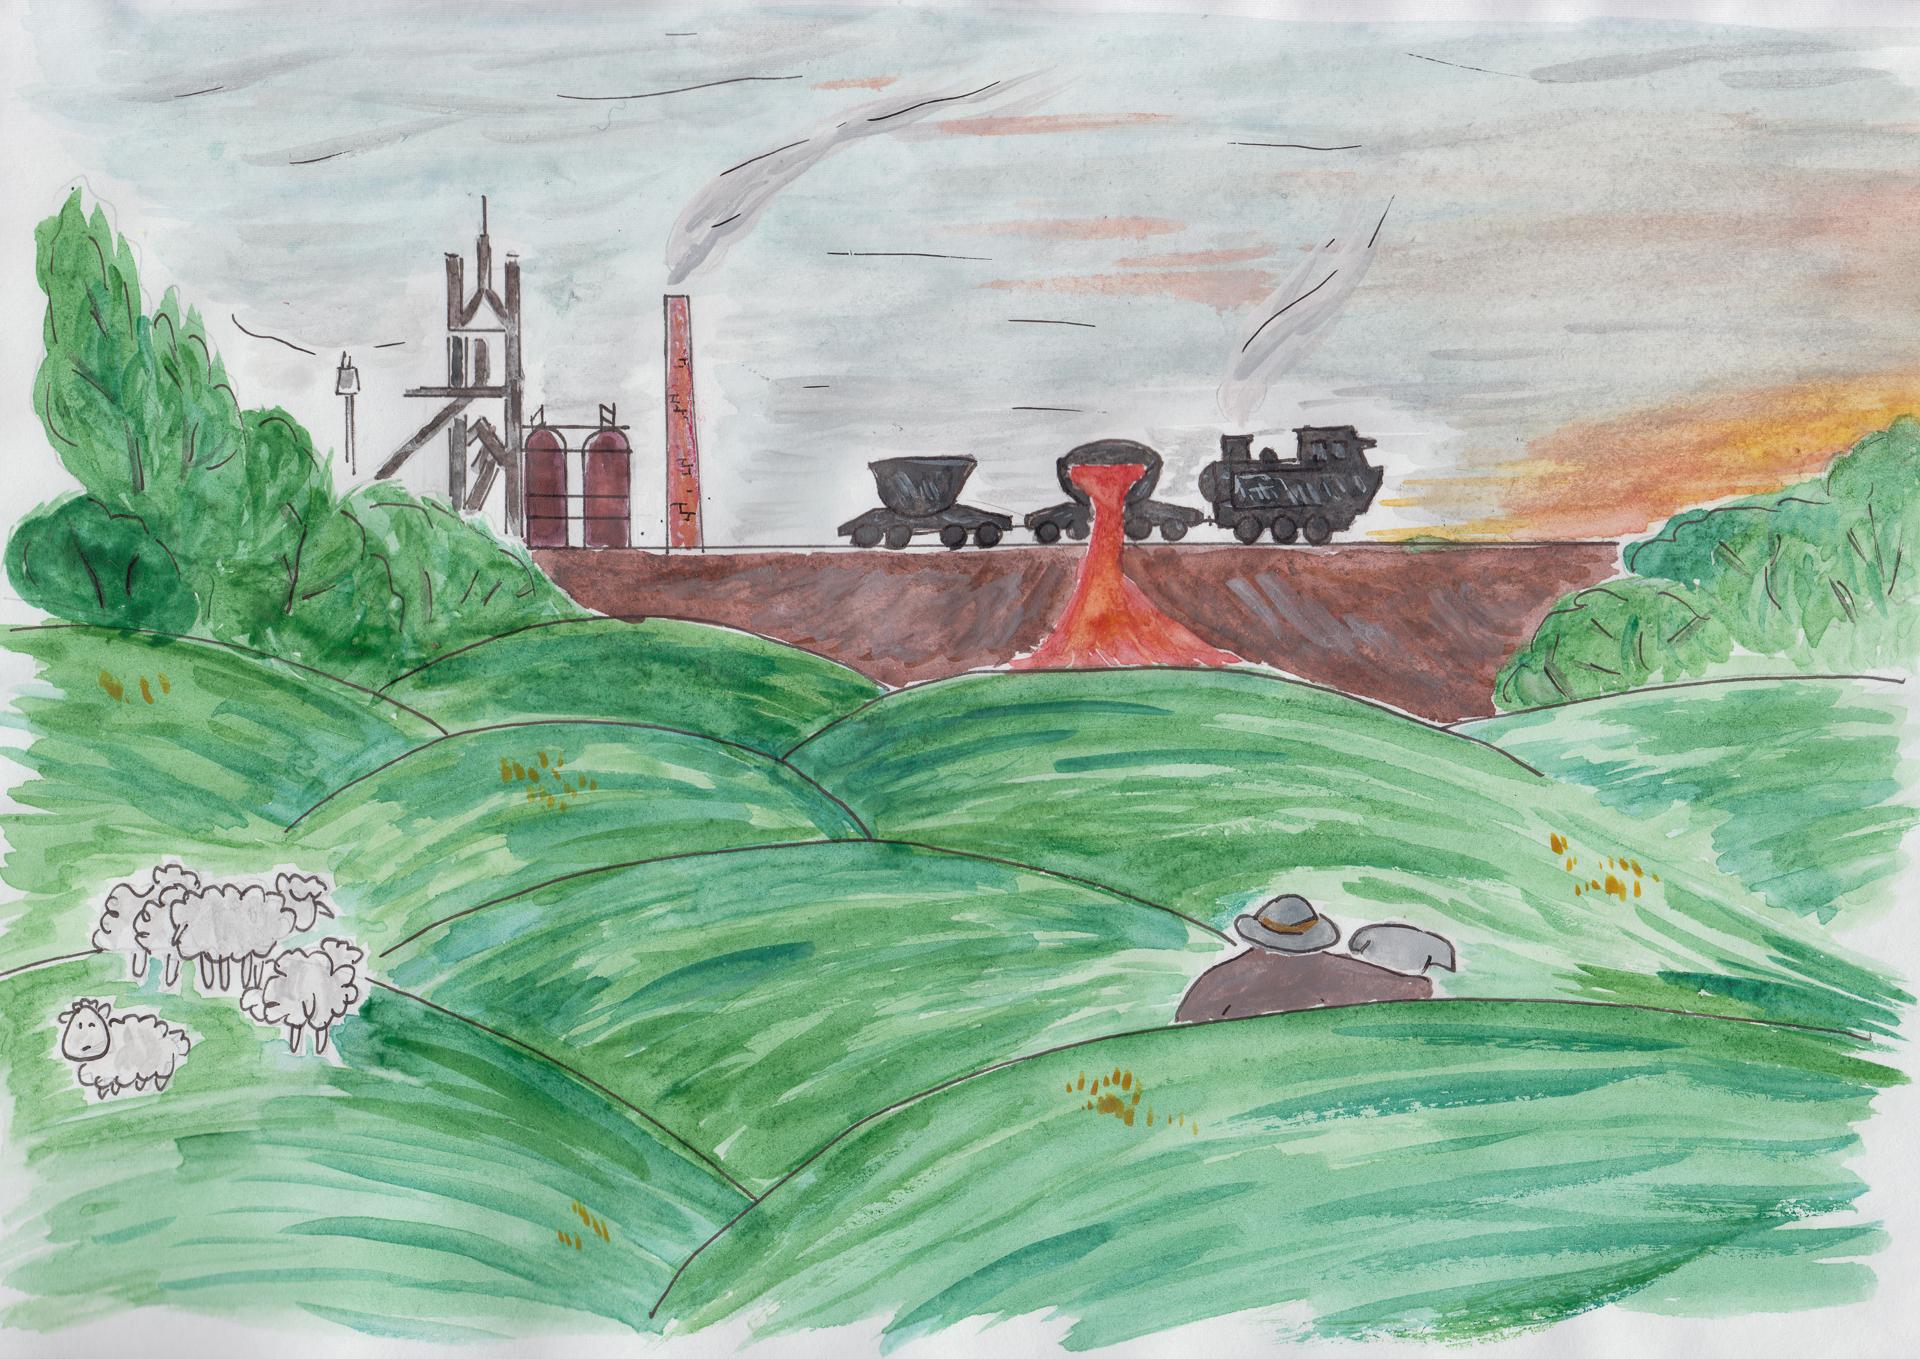 Старик - пастух со своим псом наблюдают за работой металлургического завода в Южном Йоркшире